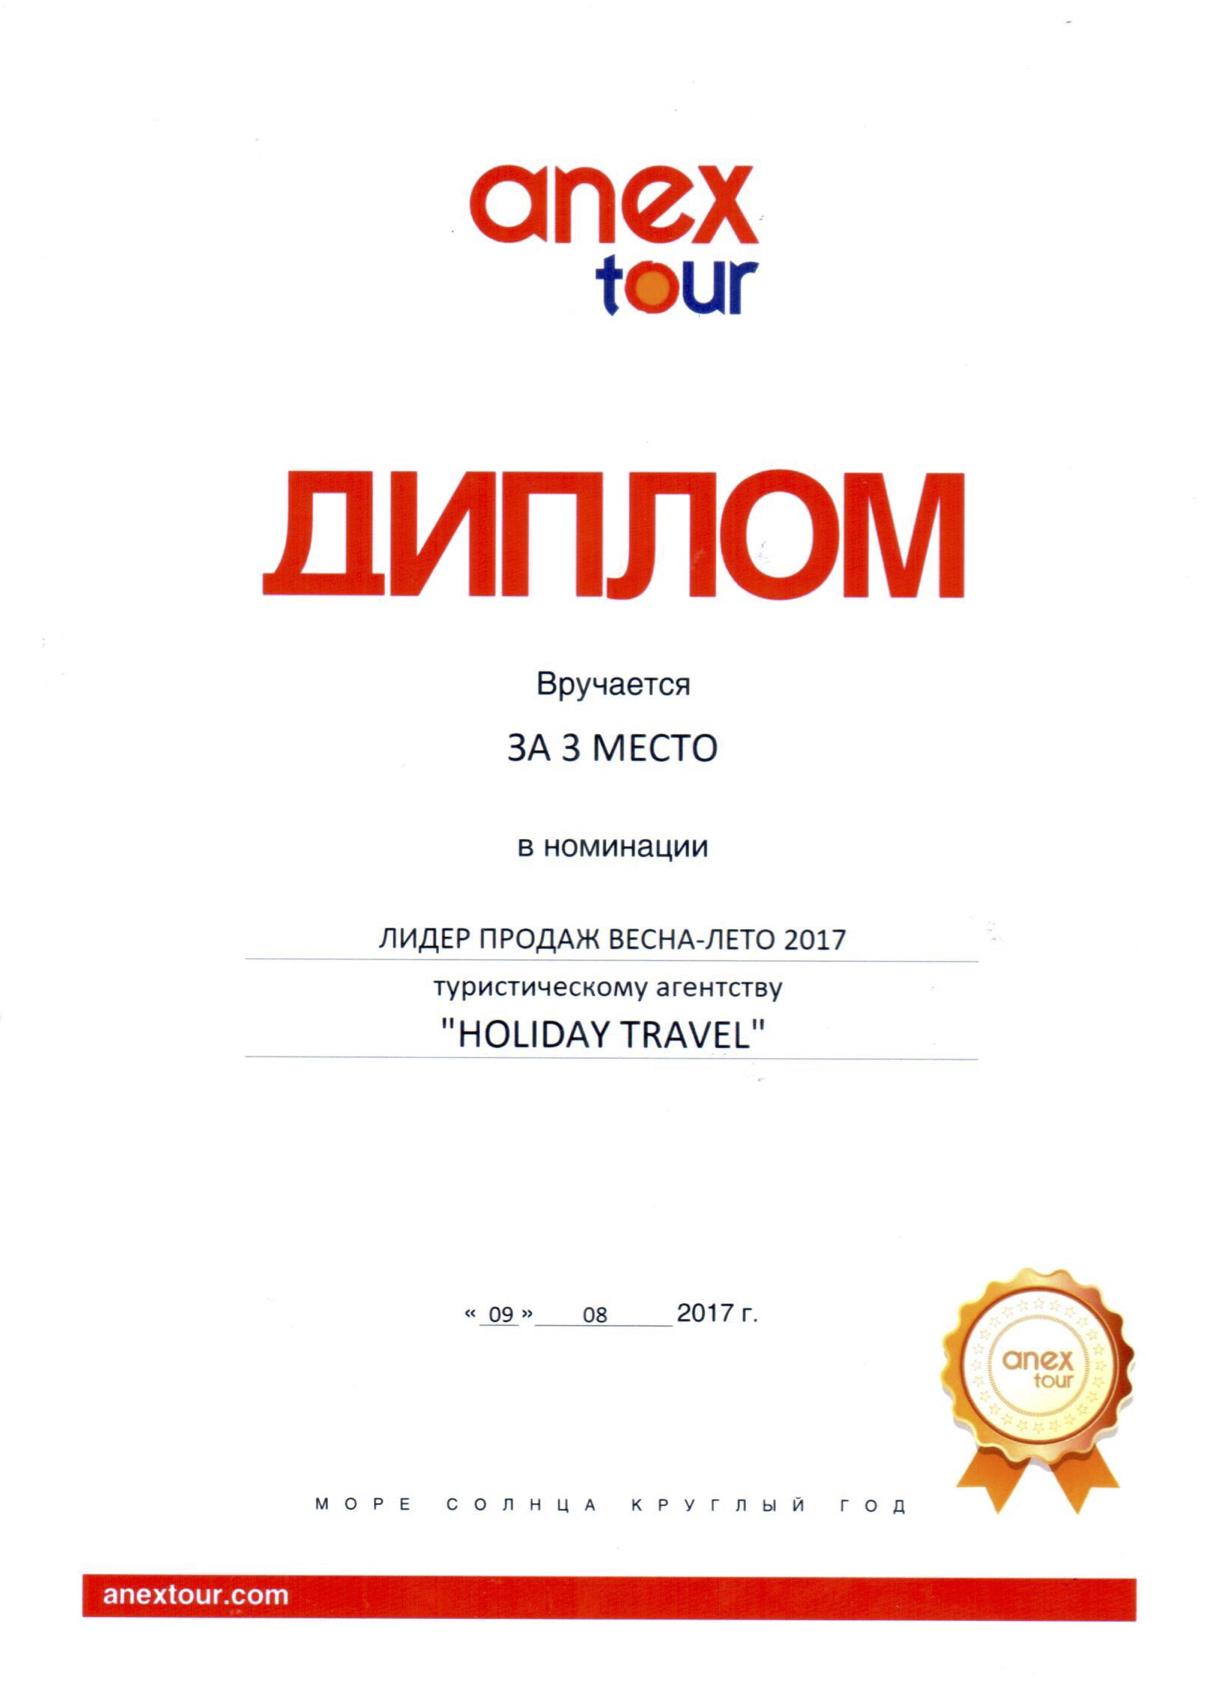 Анекс Тур 2017